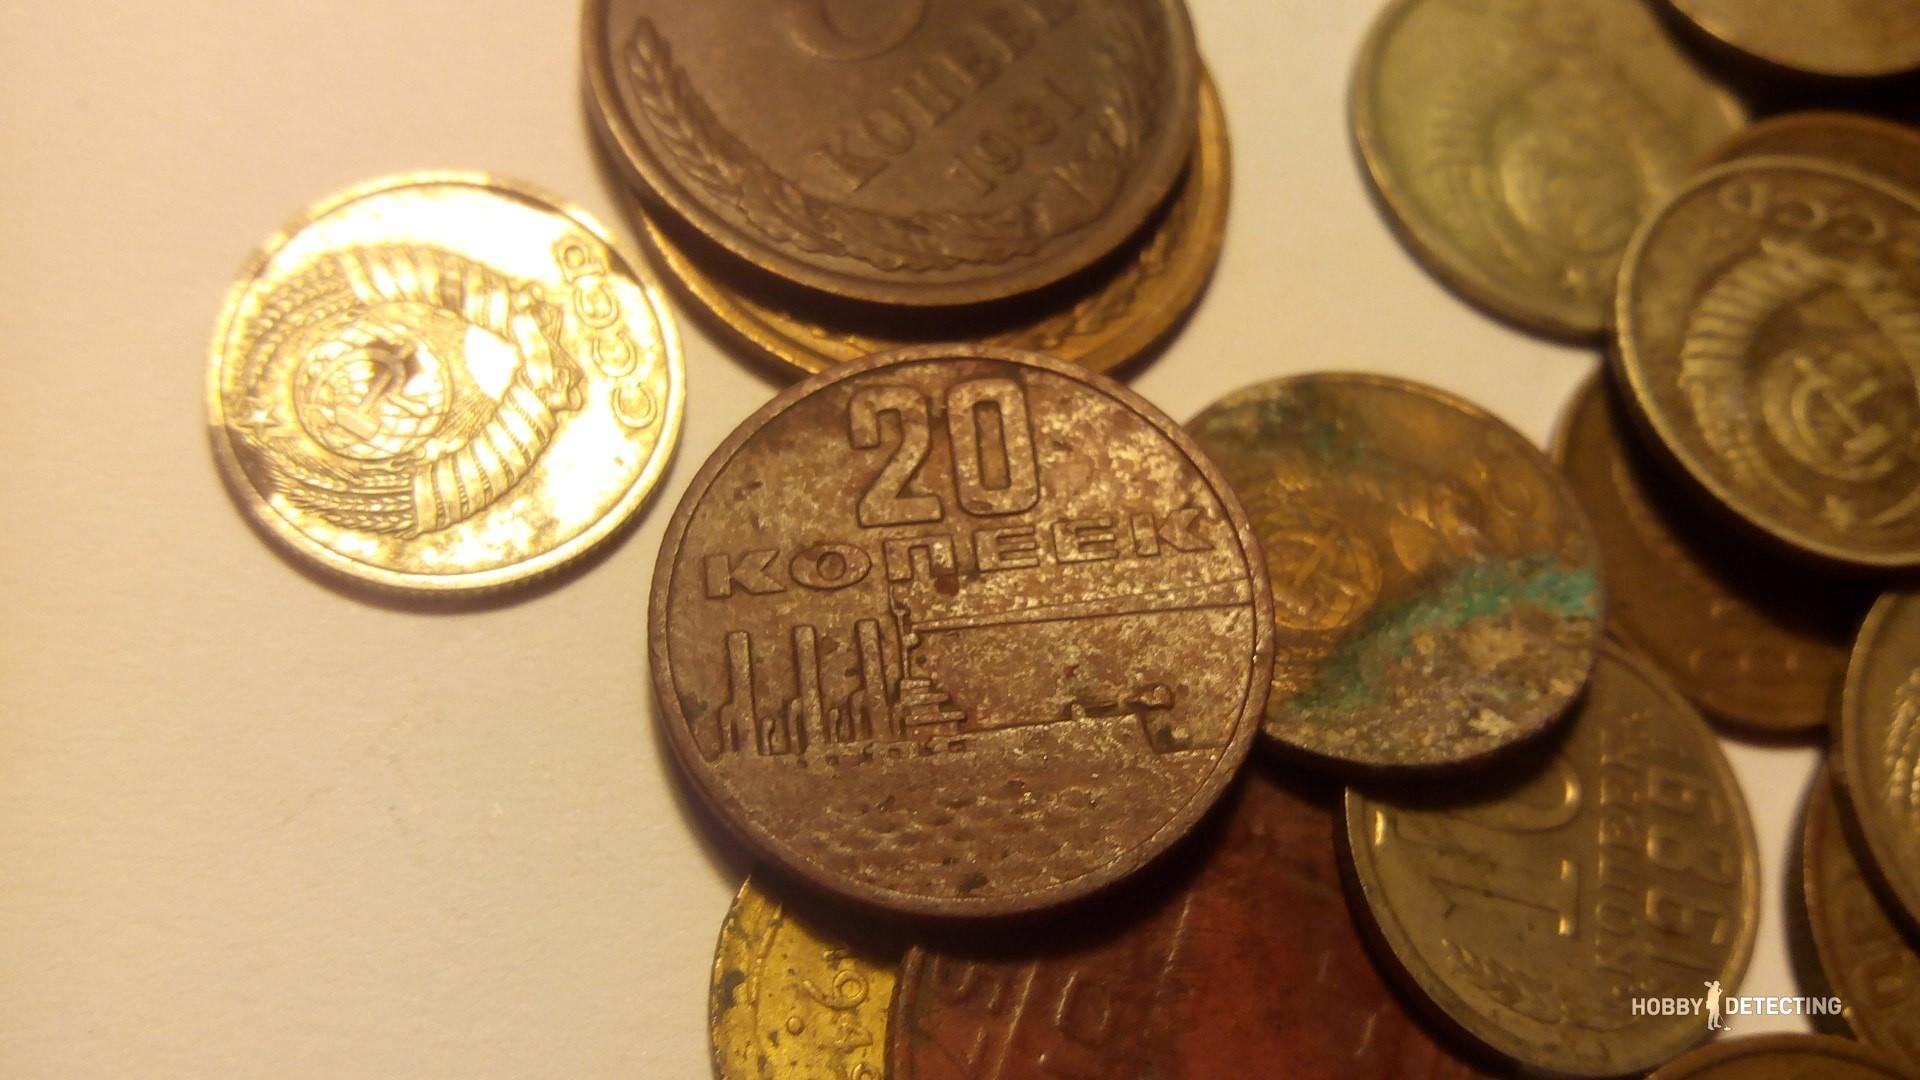 Закладуха советских монет в доме (любопытная находка и конку.